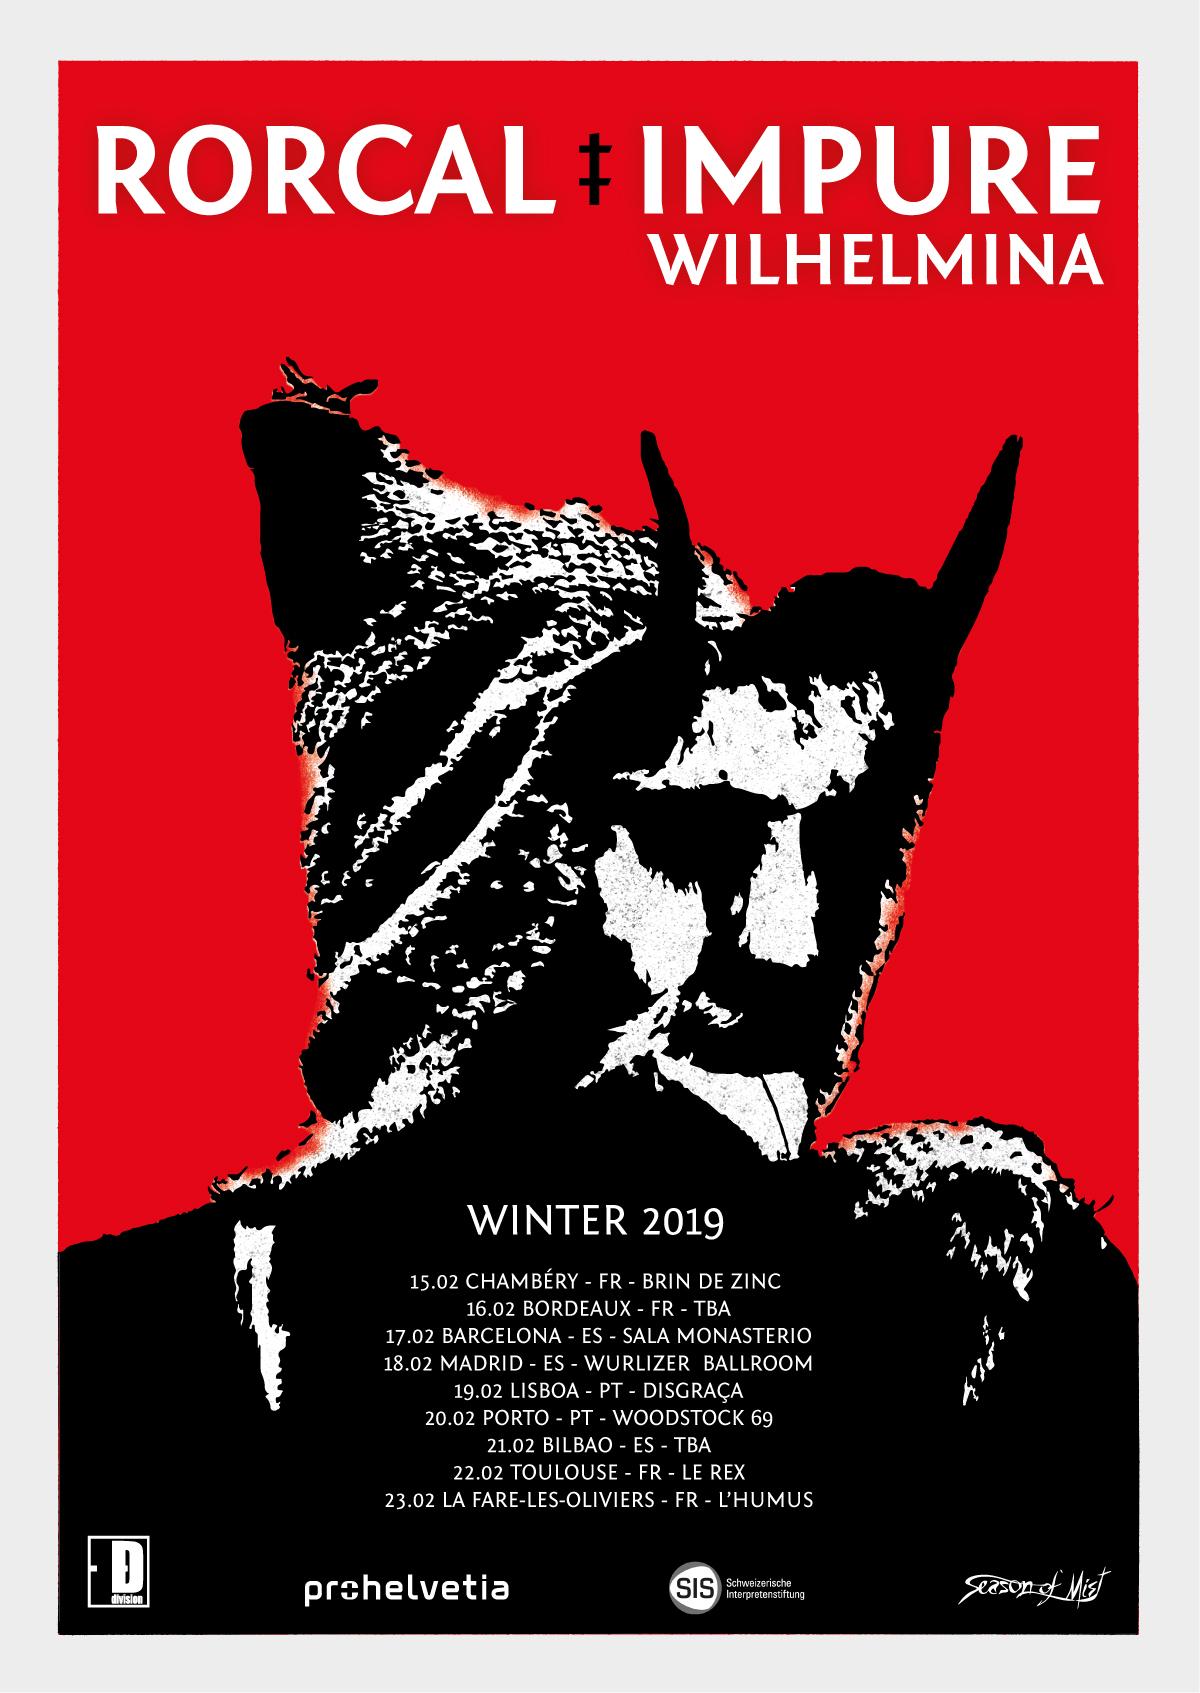 """瑞士金屬樂團 Impure Wilhelmina 將與Rorcal開始巡演,並推出新的MV """"Murderers"""""""